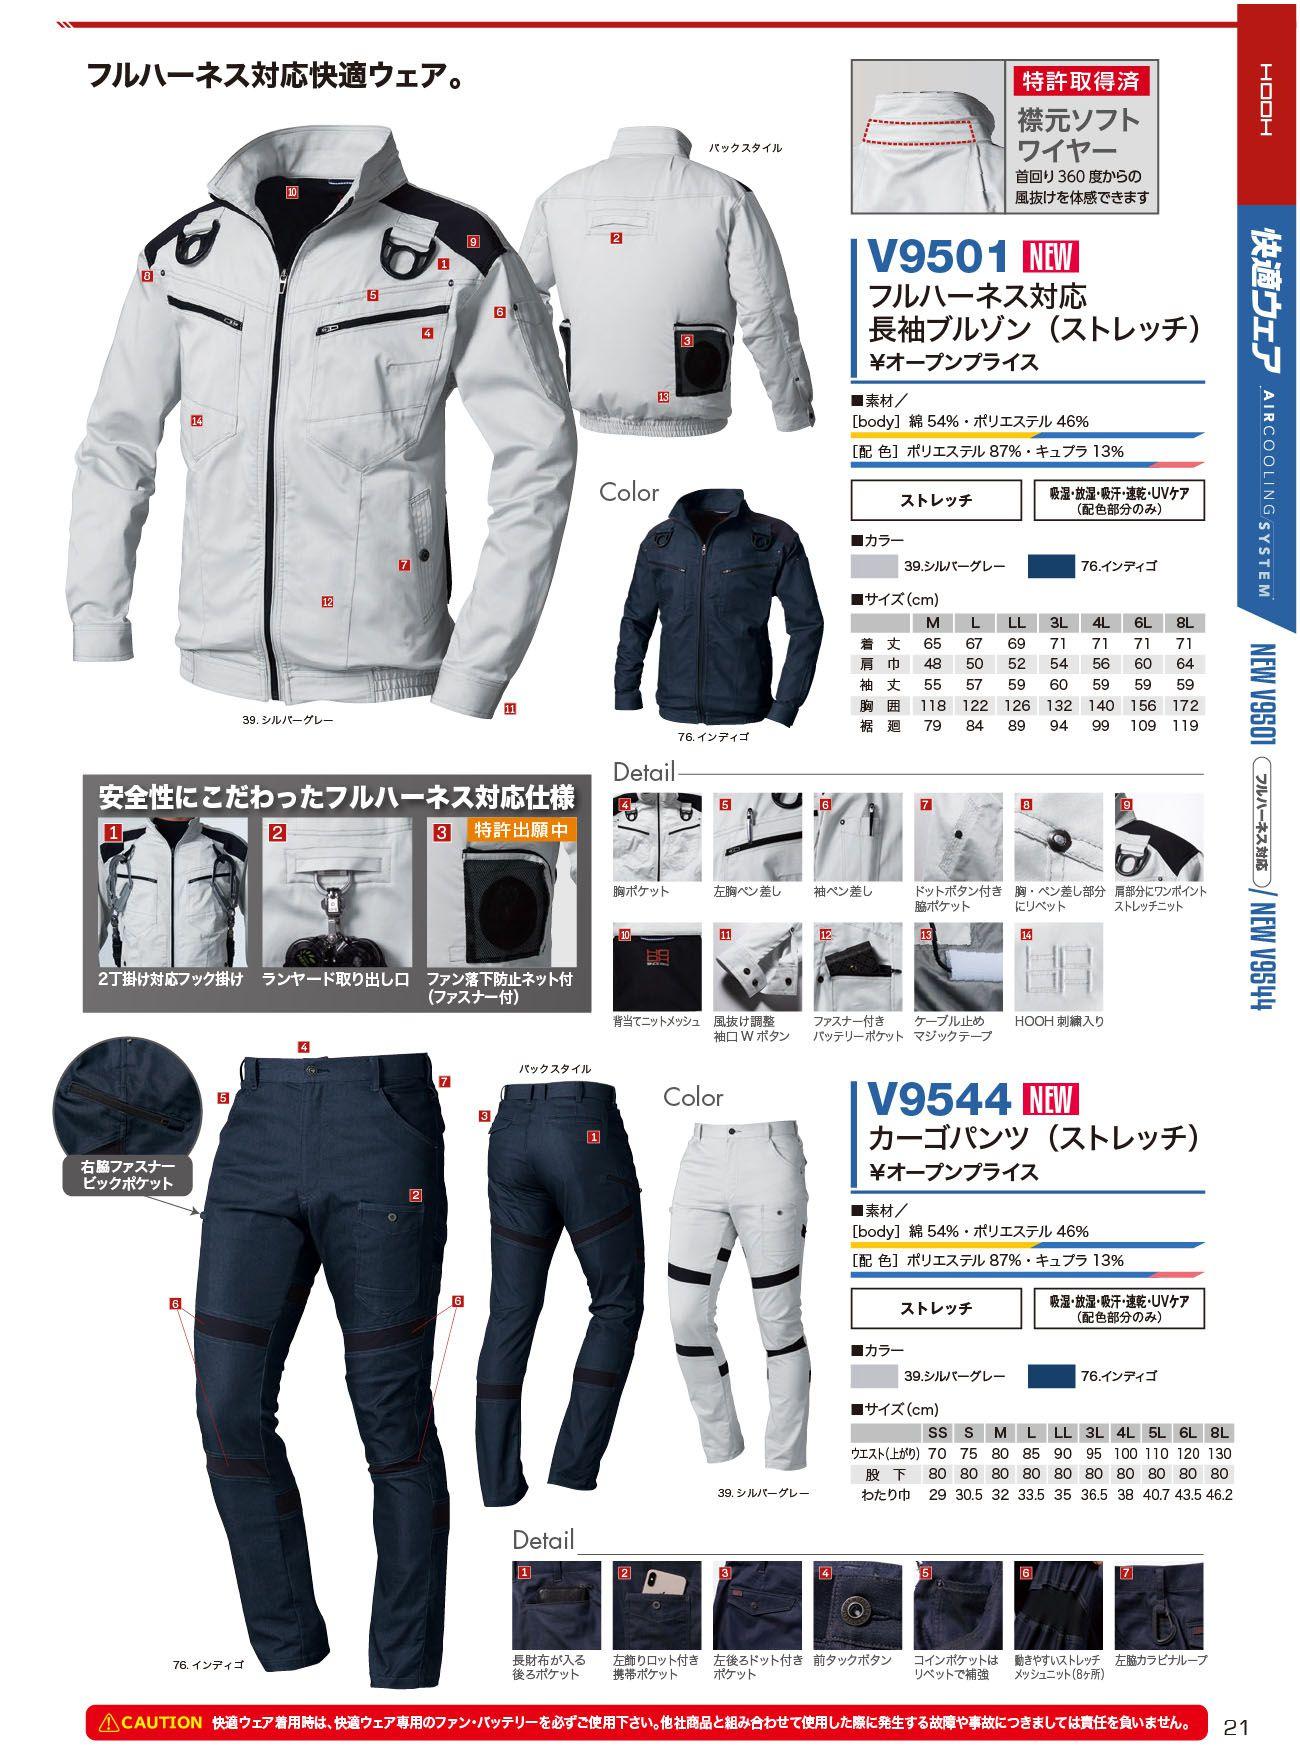 V9501フルハーネス対応長袖ブルゾン空調ファン服